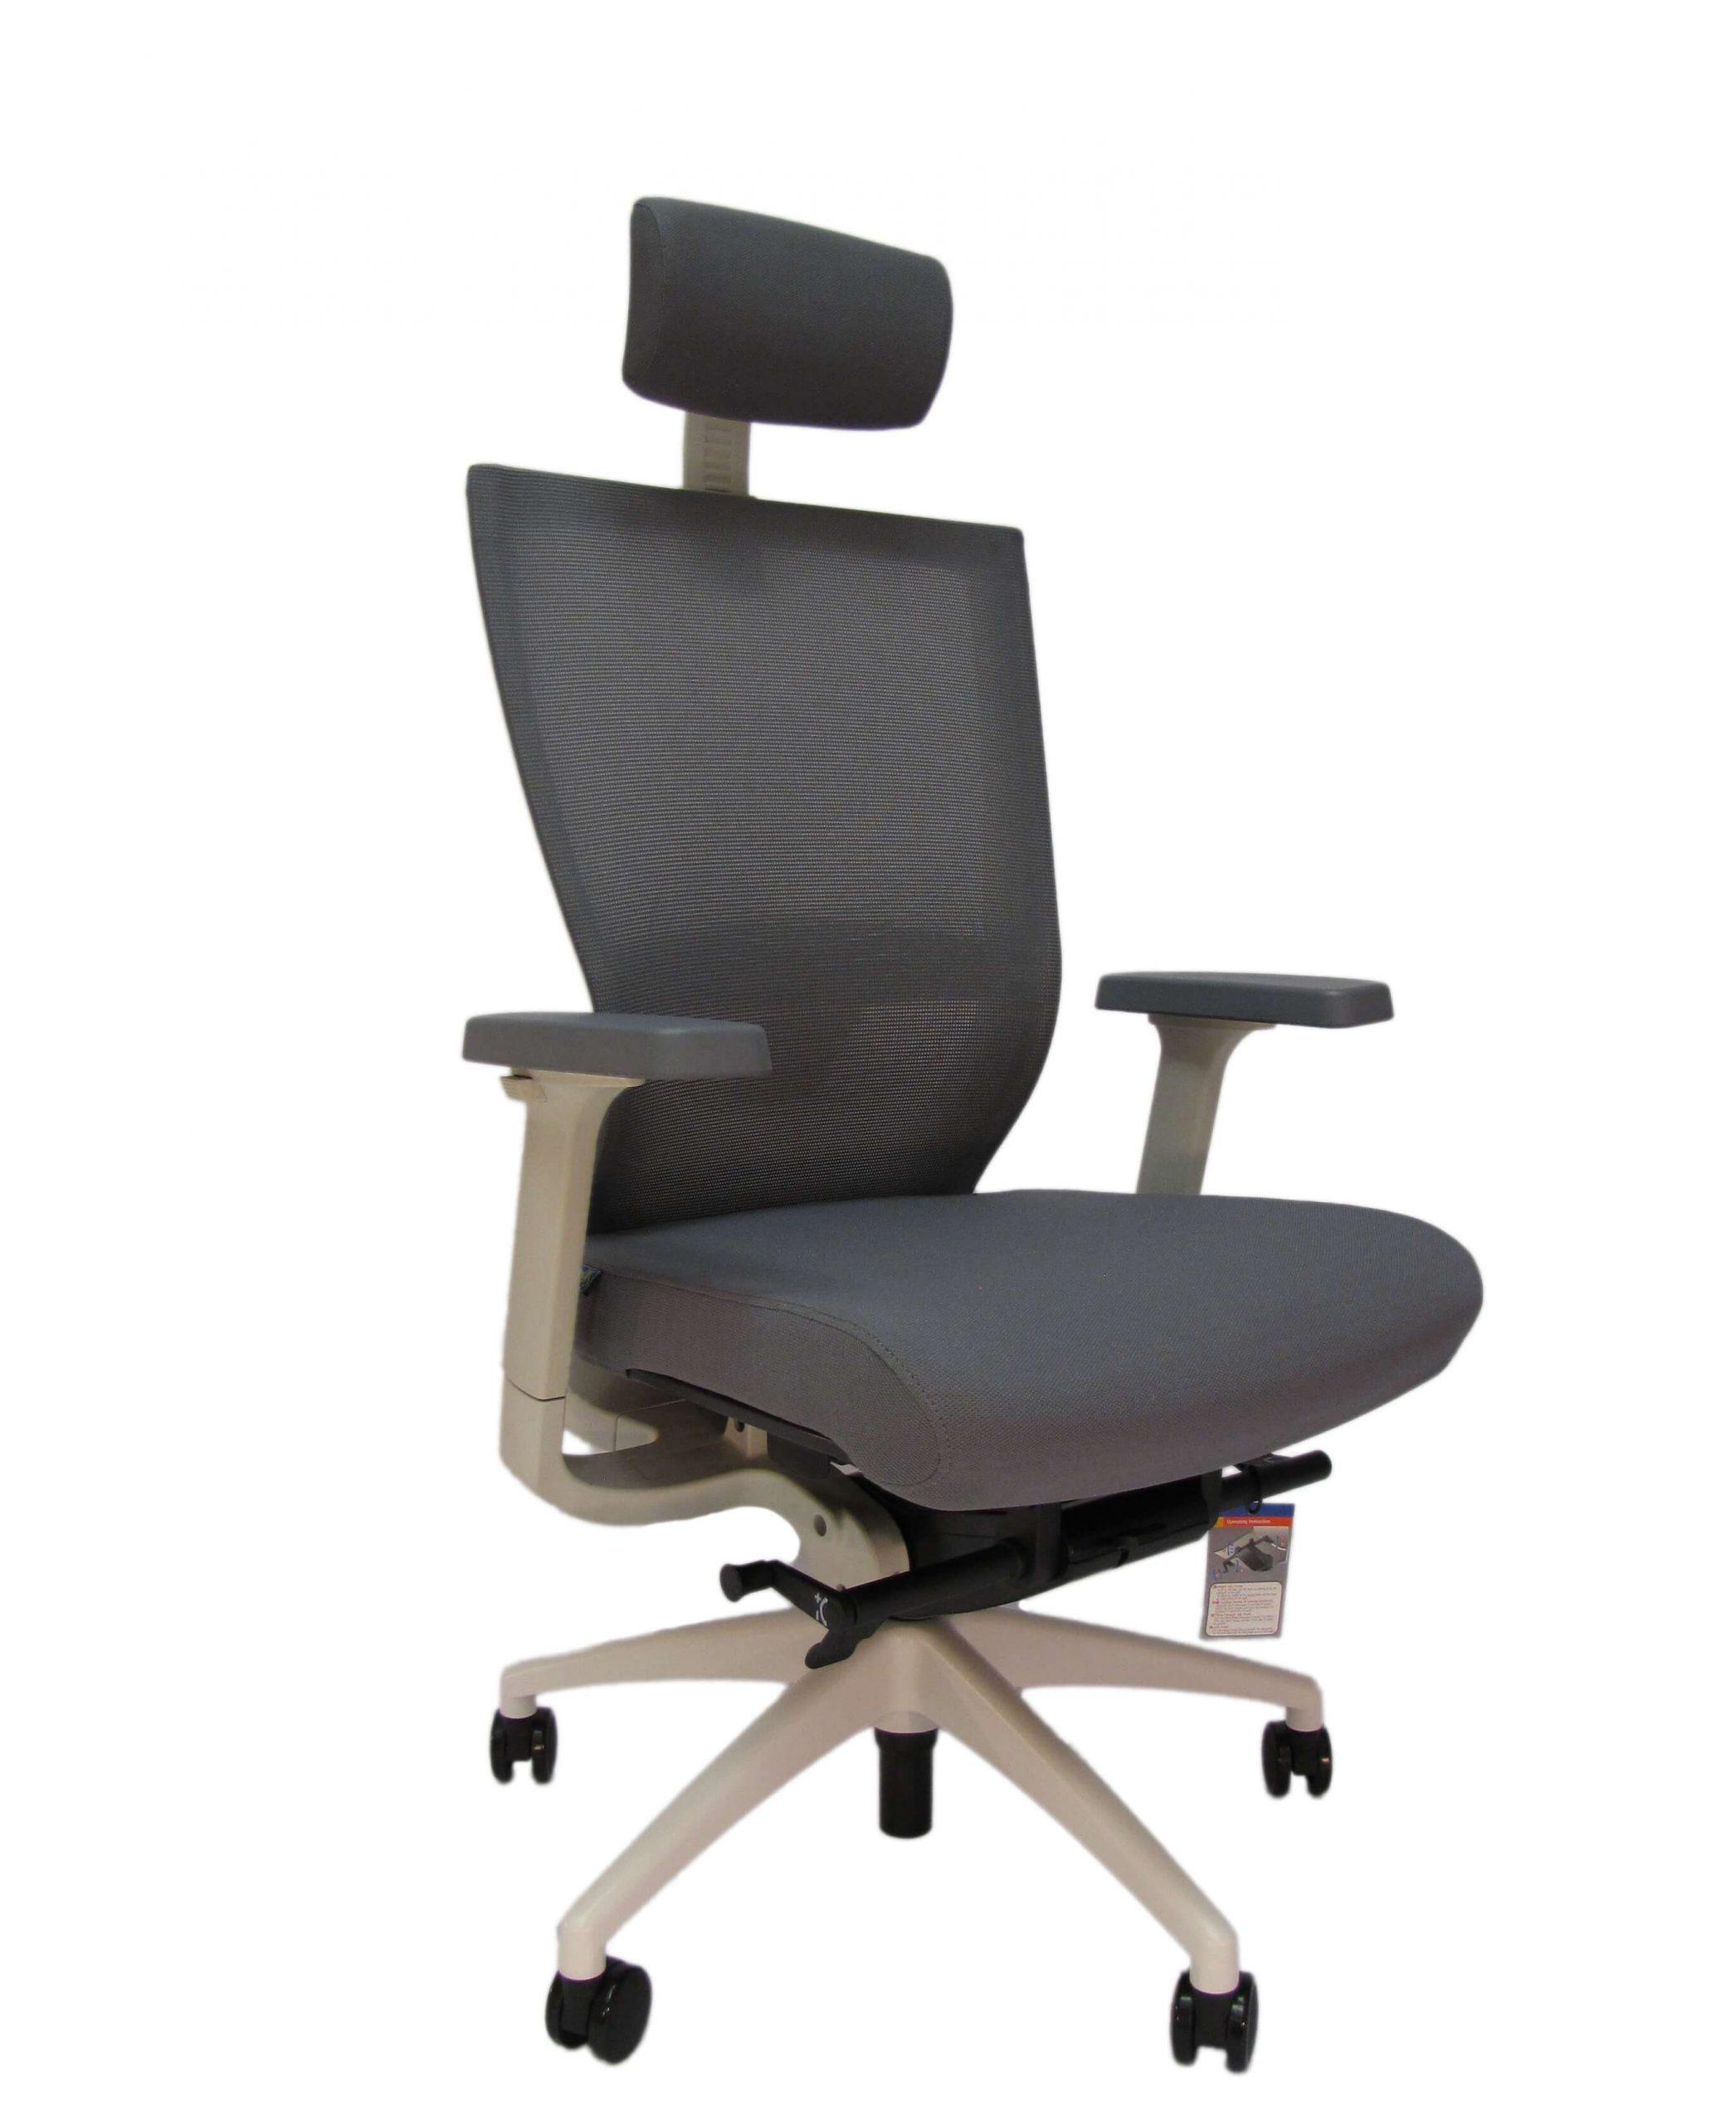 Balto rėmo ergonominė kėdė Arholma white HRU su tinkliuko atlošu.